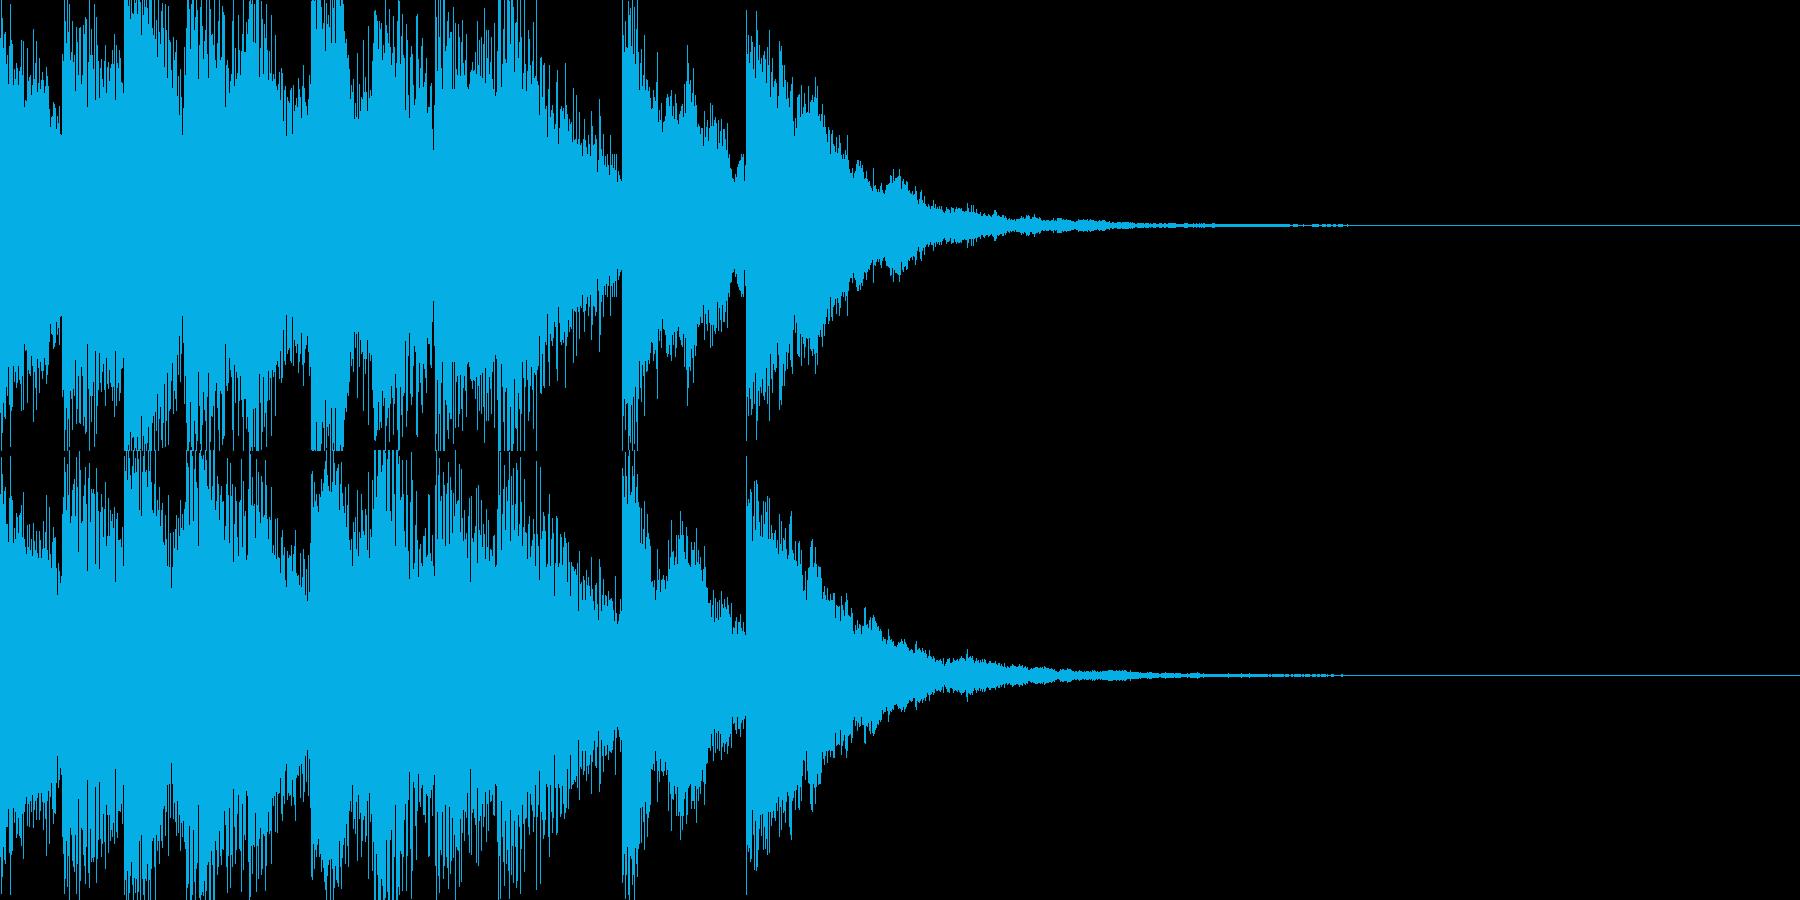 合格音の再生済みの波形